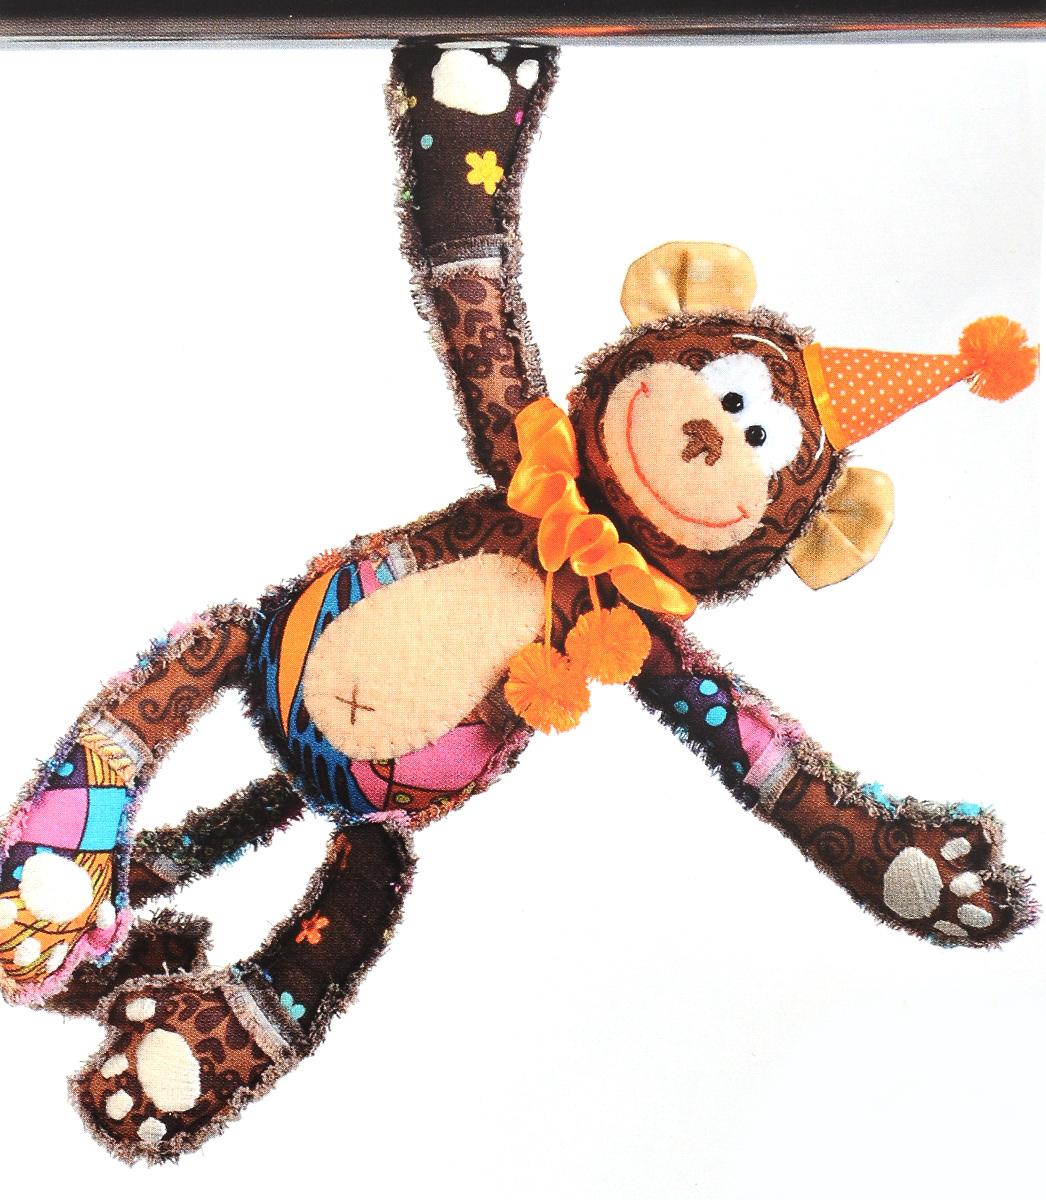 Набор для создания игрушки Перловка Обезьянка Анфиса, длина 25,5 смПМ805Набор Перловка Обезьянка Анфиса поможет создать забавную игрушку-грелку в виде обезьянки. Исстари в самодельную игрушку вкладывали глубокий смысл и особенно ценили. Наши куклы согревают, поднимают настроение и украшают интерьер. Это оберег, талисман, символ чувств и эмоций мастера. Кукла, сделанная своими руками - лучший подарок своим детям и друзьям. В набор входит: - хлопковая ткань; - нитки для вышивки и декорирования; - фетр; - магниты в лапы; - атласная тесьма; - кнопка; - фурнитура для глаз; - листы с выкройками; - инструкция на русском языке. Дополнительно вам понадобиться синтепон или синтепух.